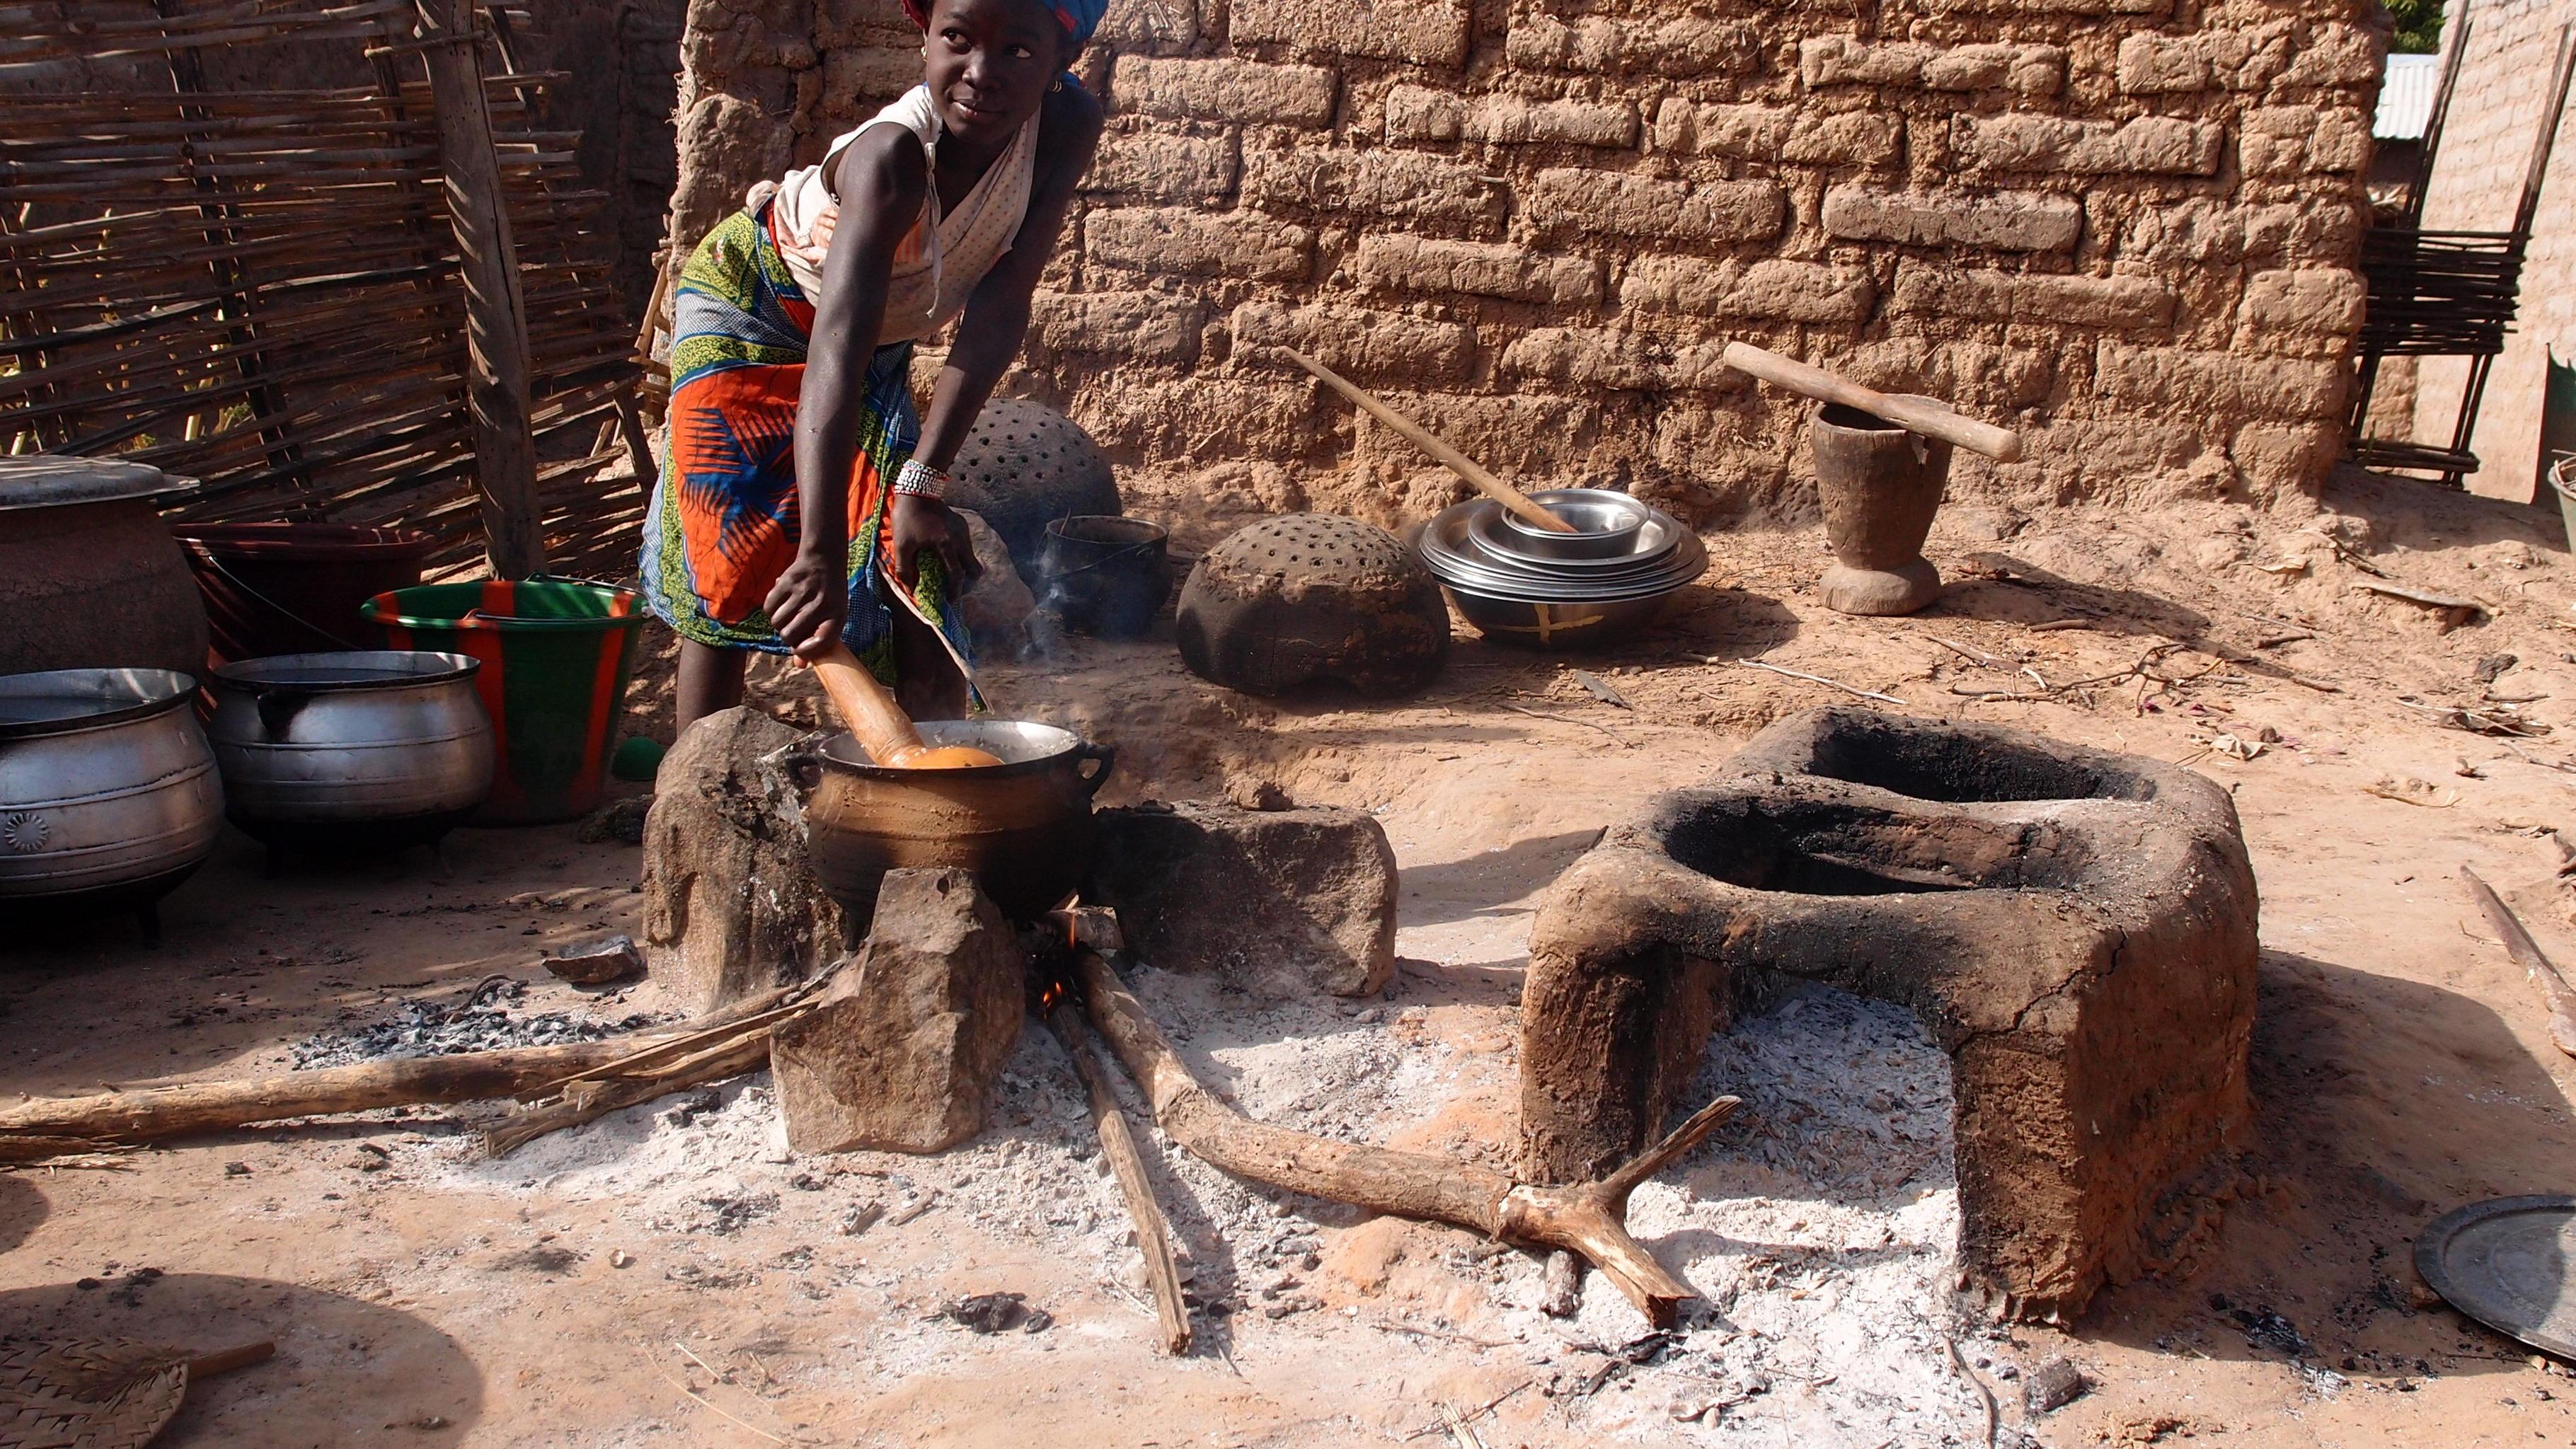 Mädchen steht an einer Feuerstelle, auf der ein Topf zum Kochen steht